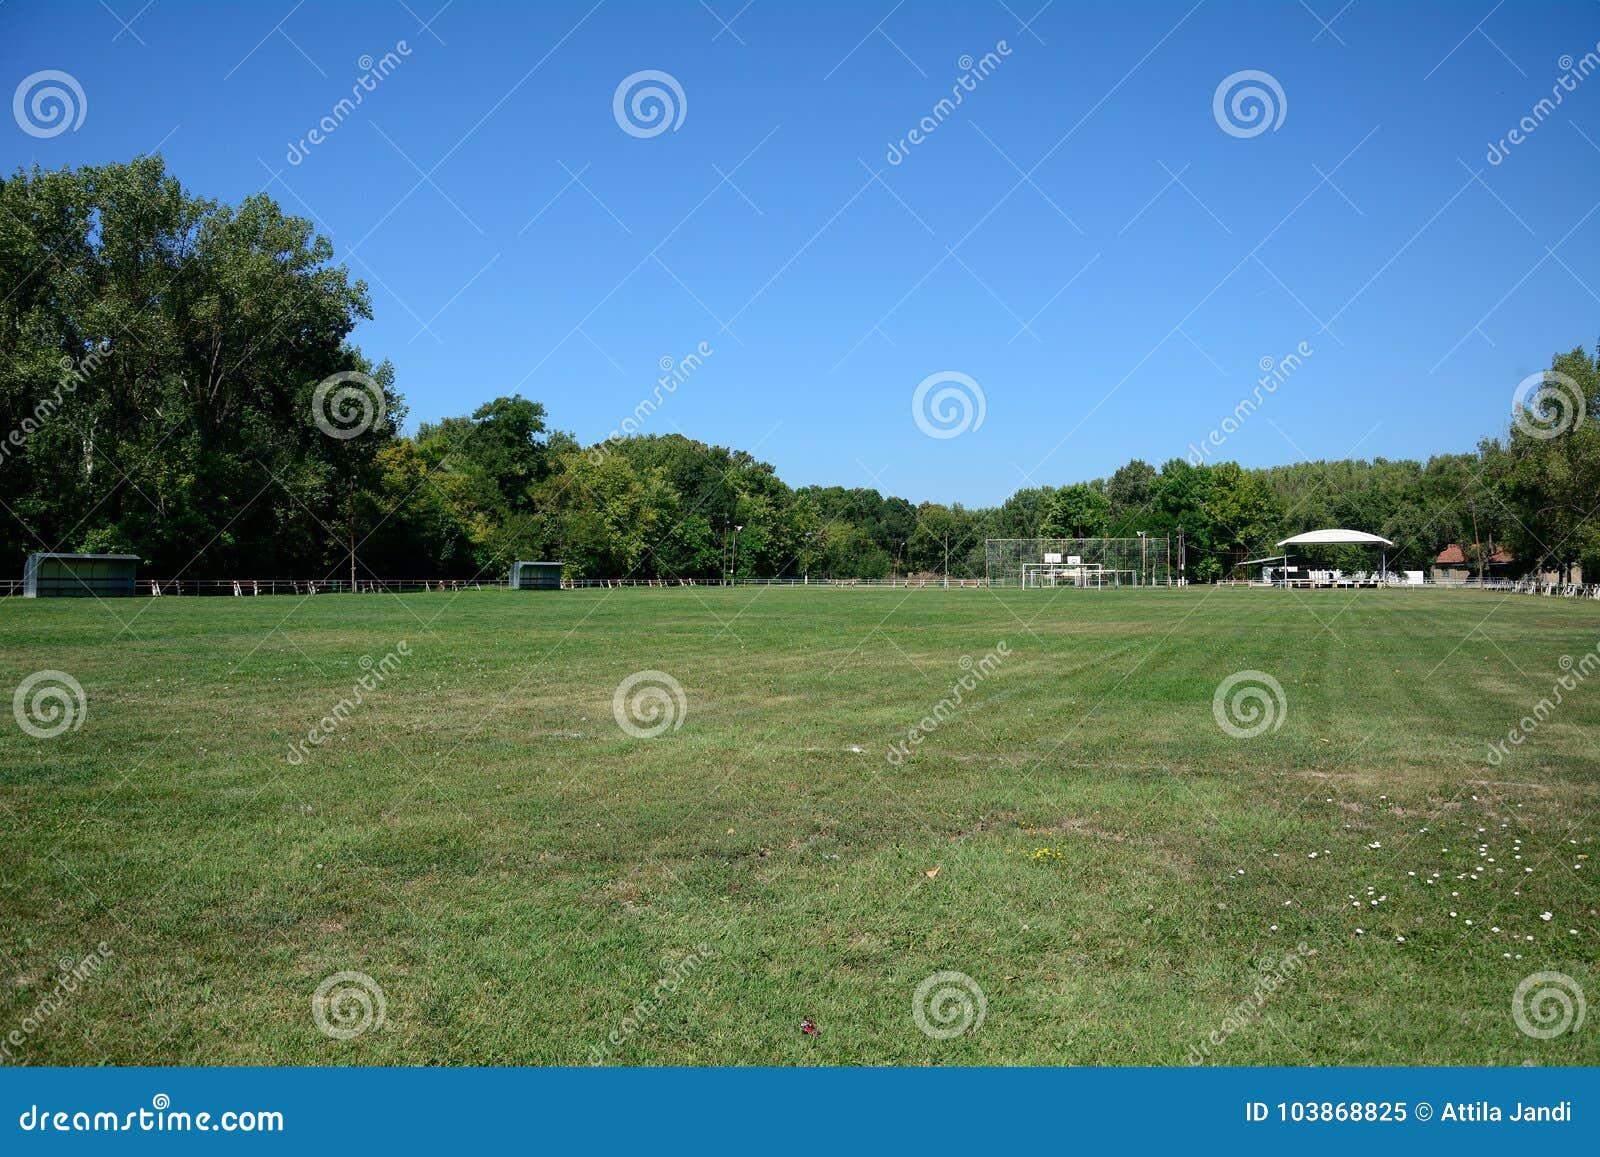 Футбольное поле деревни, Zagyvarekas, Венгрия